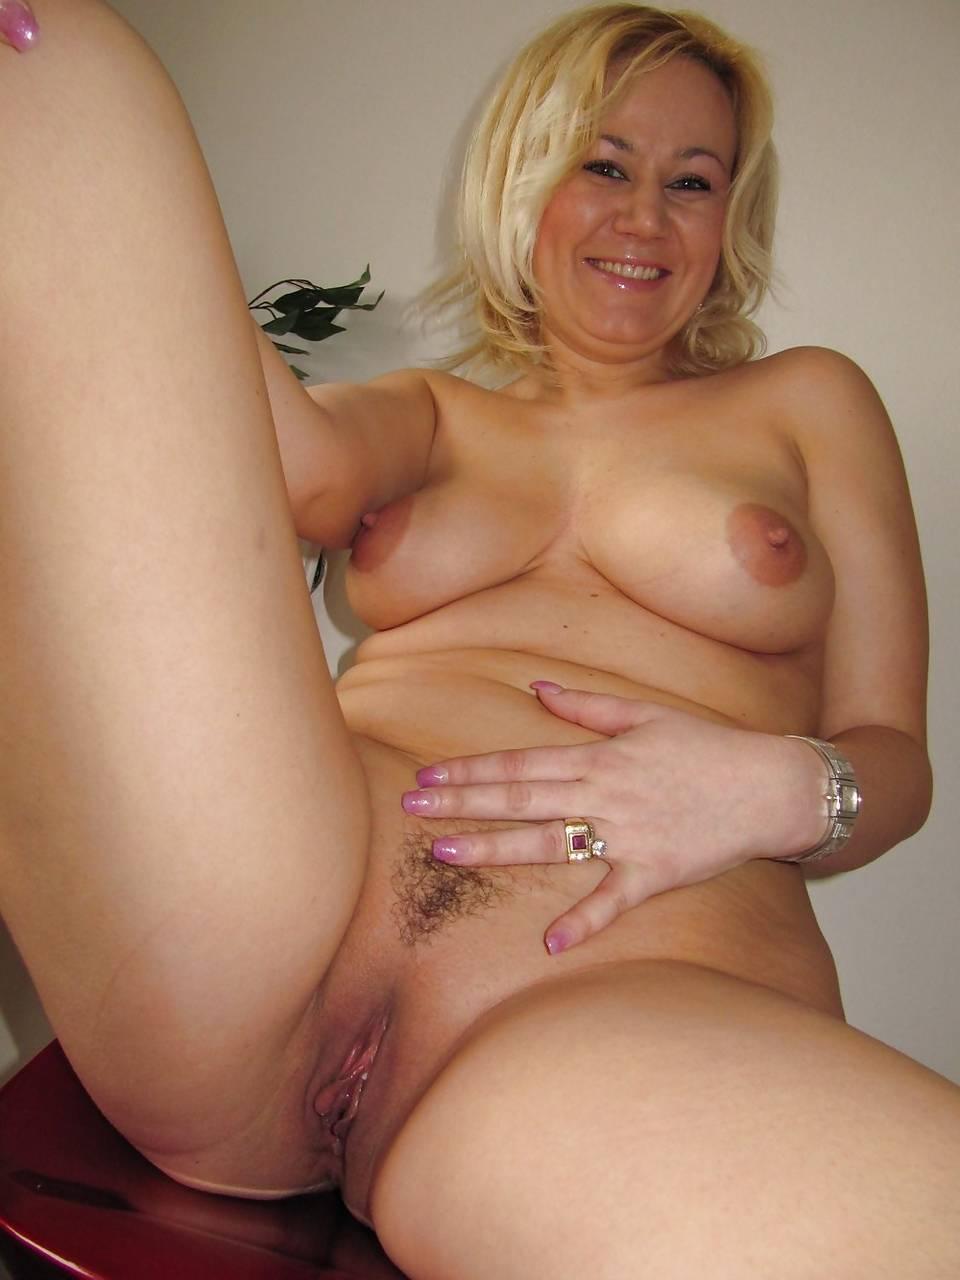 Частное фото голой русской женщины